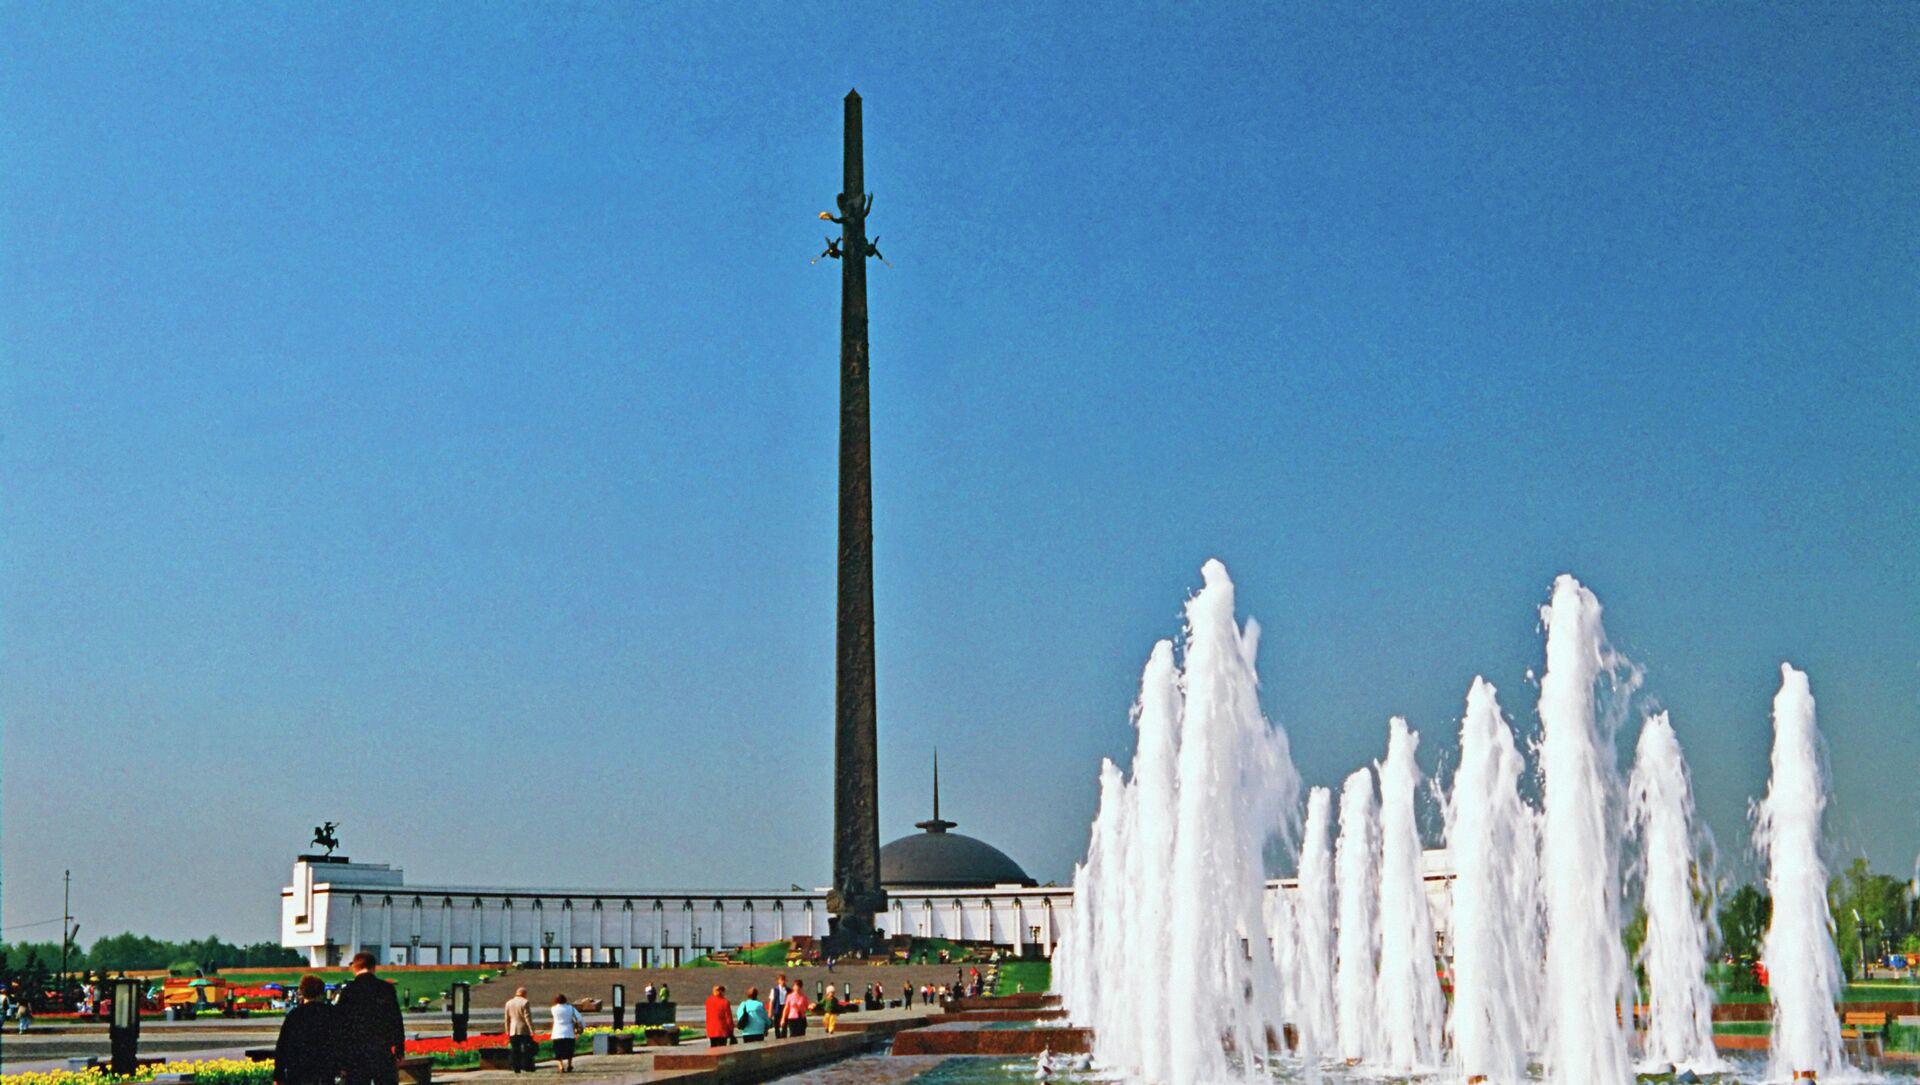 El Parque de la Victoria en Moscú - Sputnik Mundo, 1920, 08.05.2015